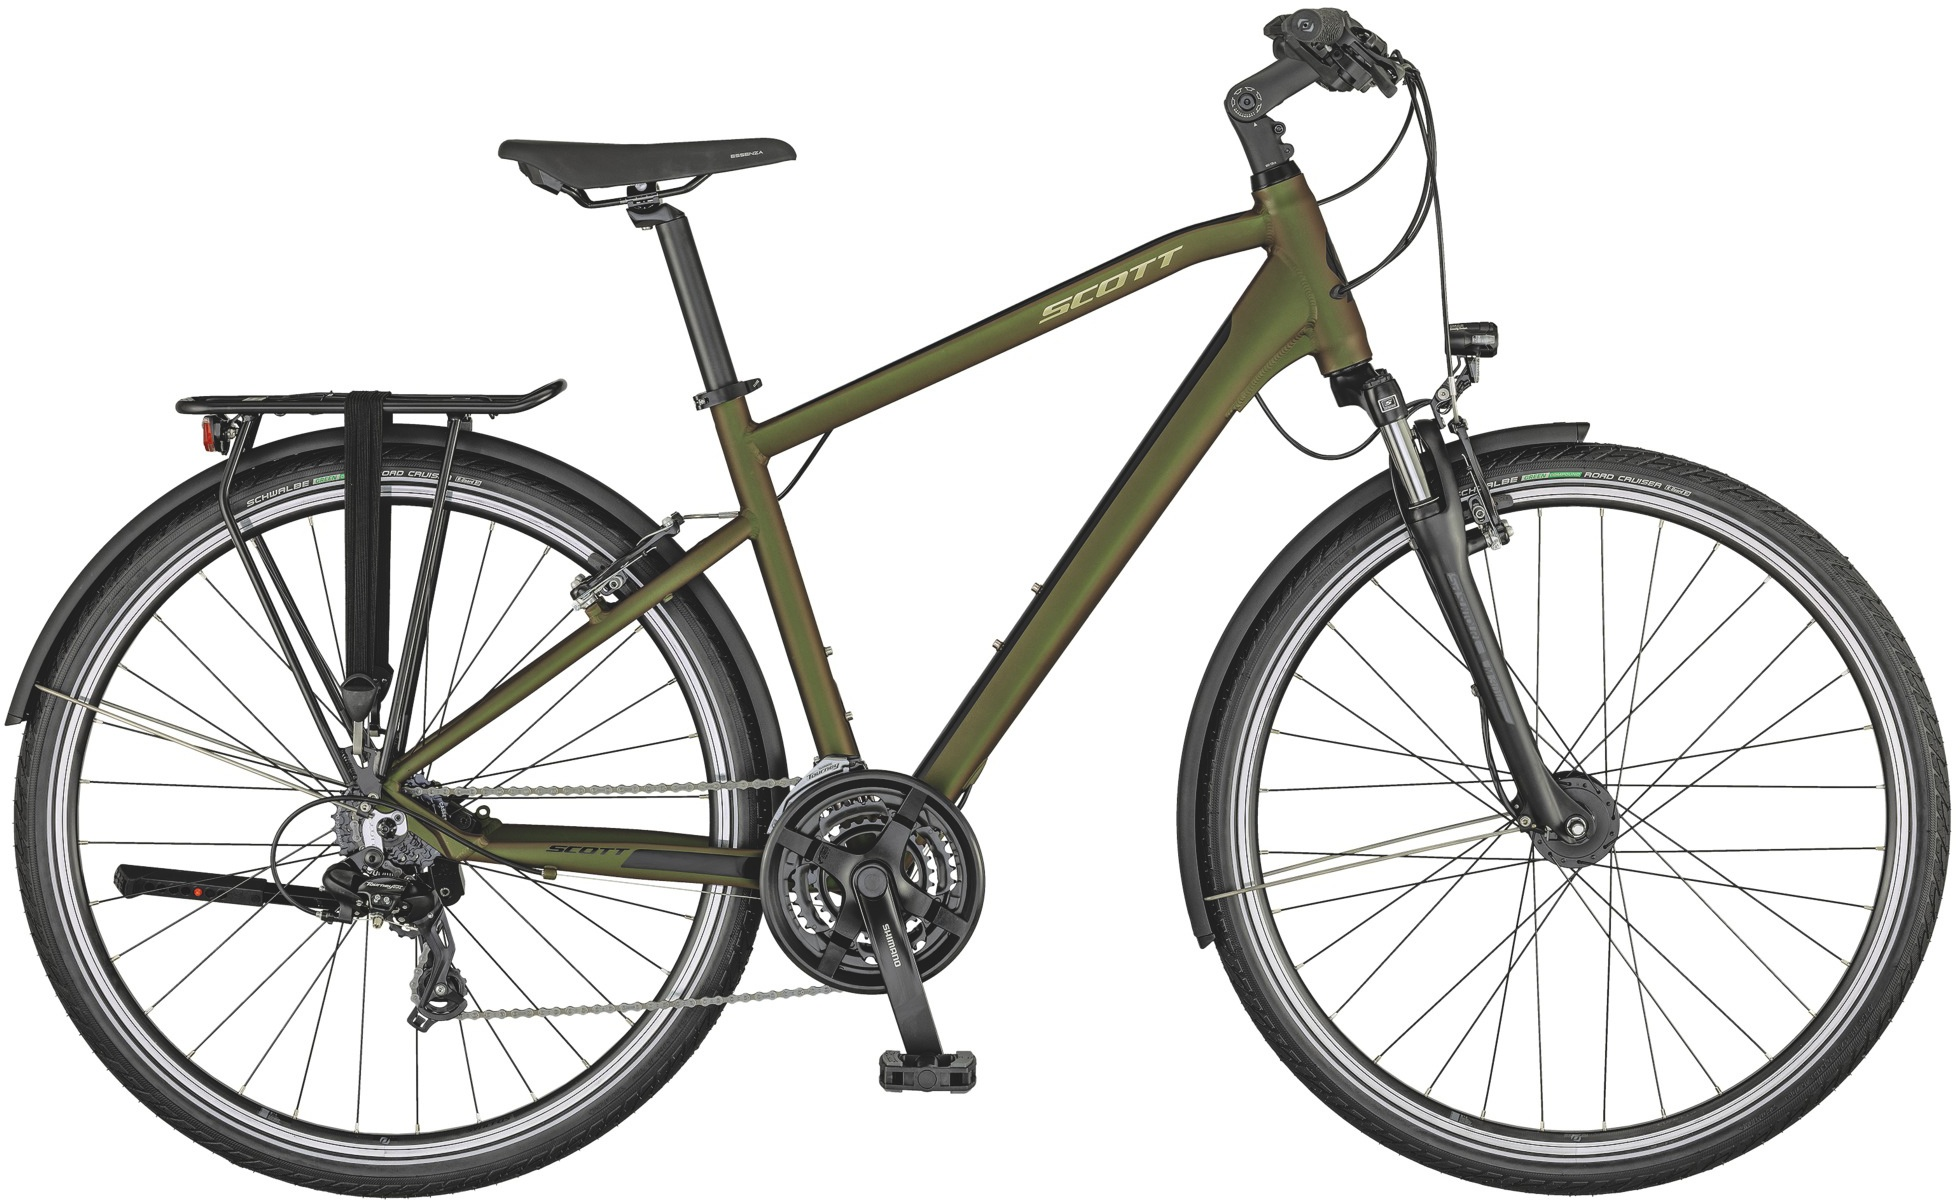 Scott Sub Sport 40 Herre 2021 Cykler > Herrecykler